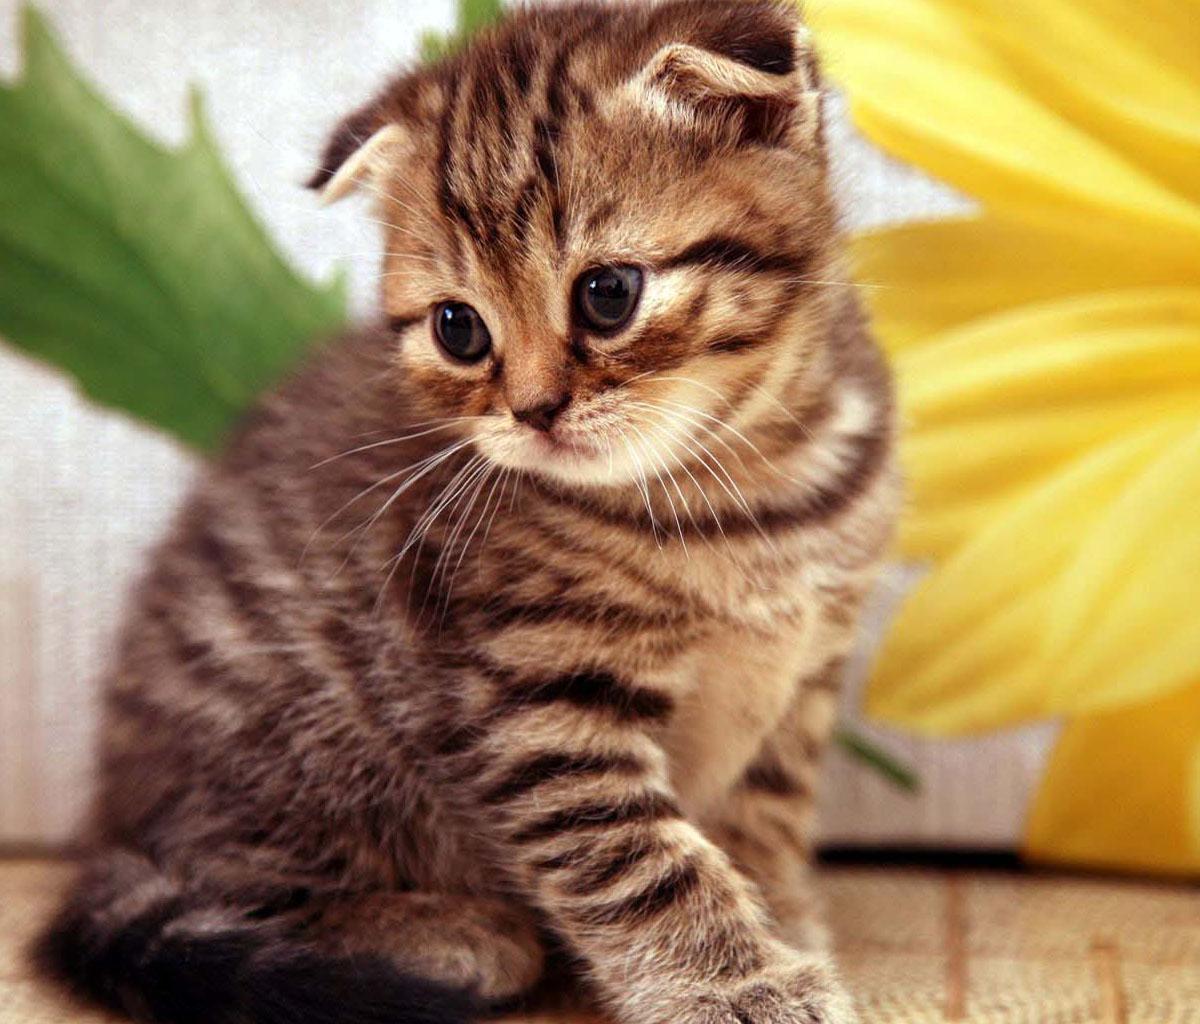 تفسير حلم القطط للحامل في المنام